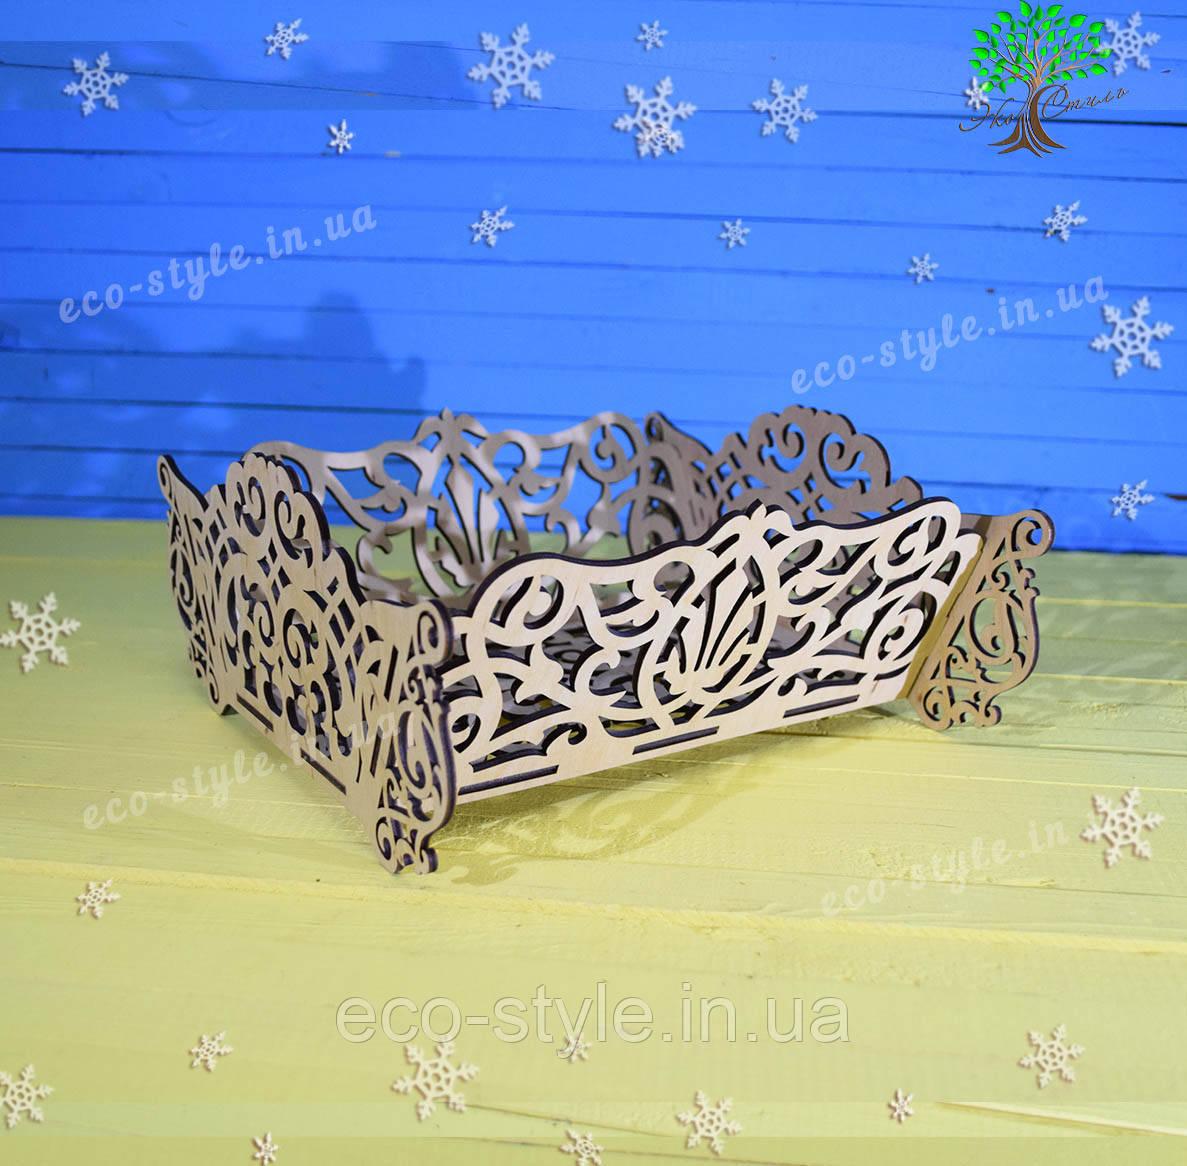 Новогодний декор, подставка для конфет, деревянное лукошко